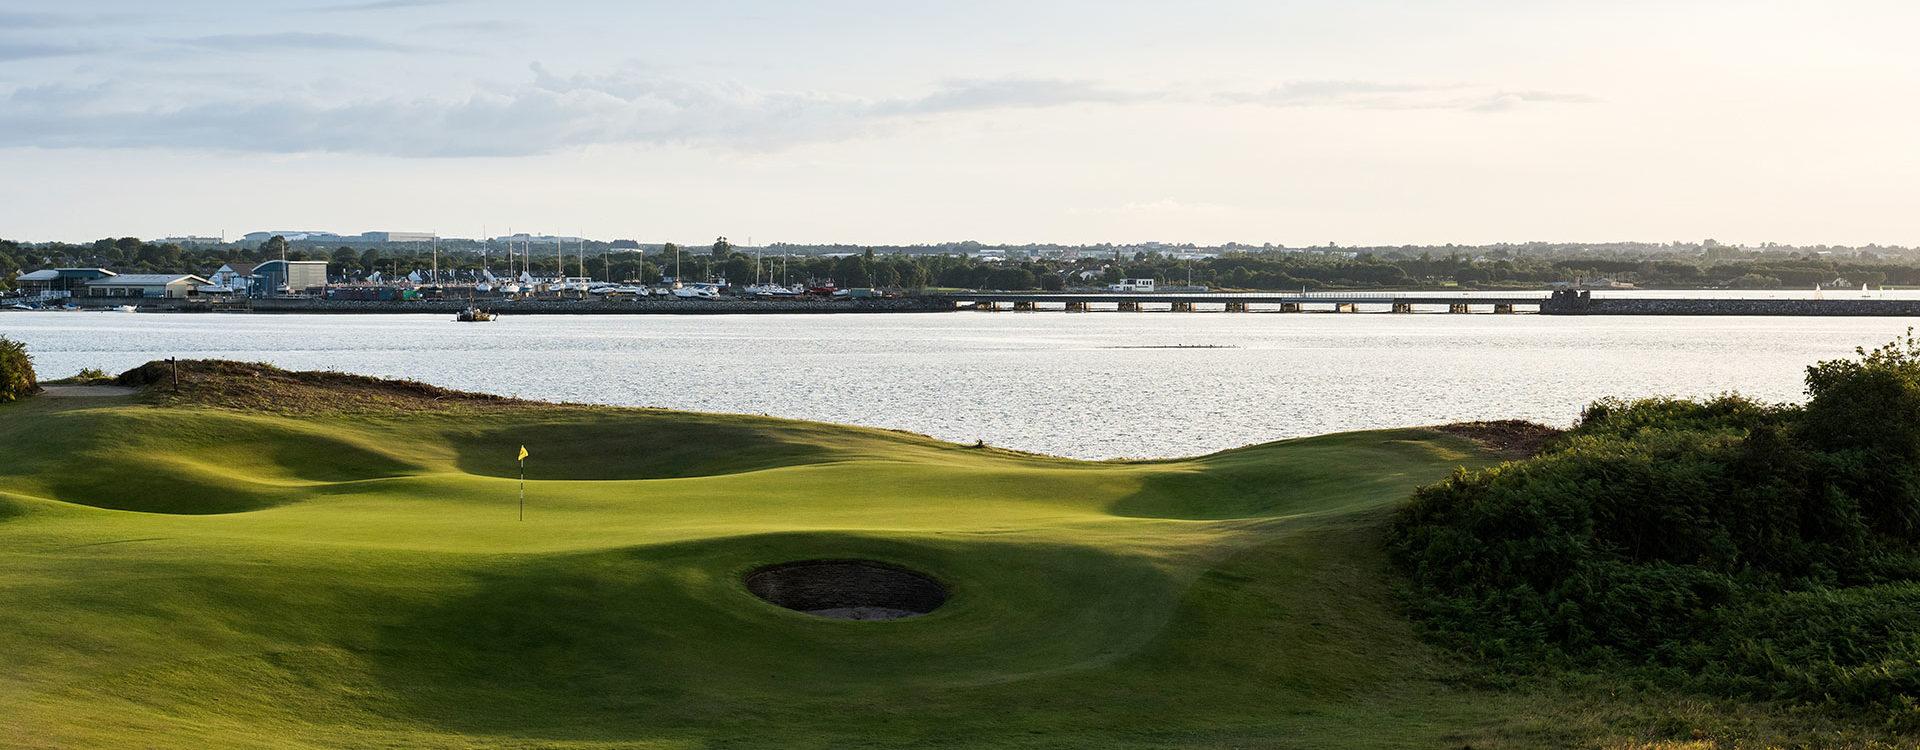 Golf courses near Dublin Airport   The Portmanock, Royal